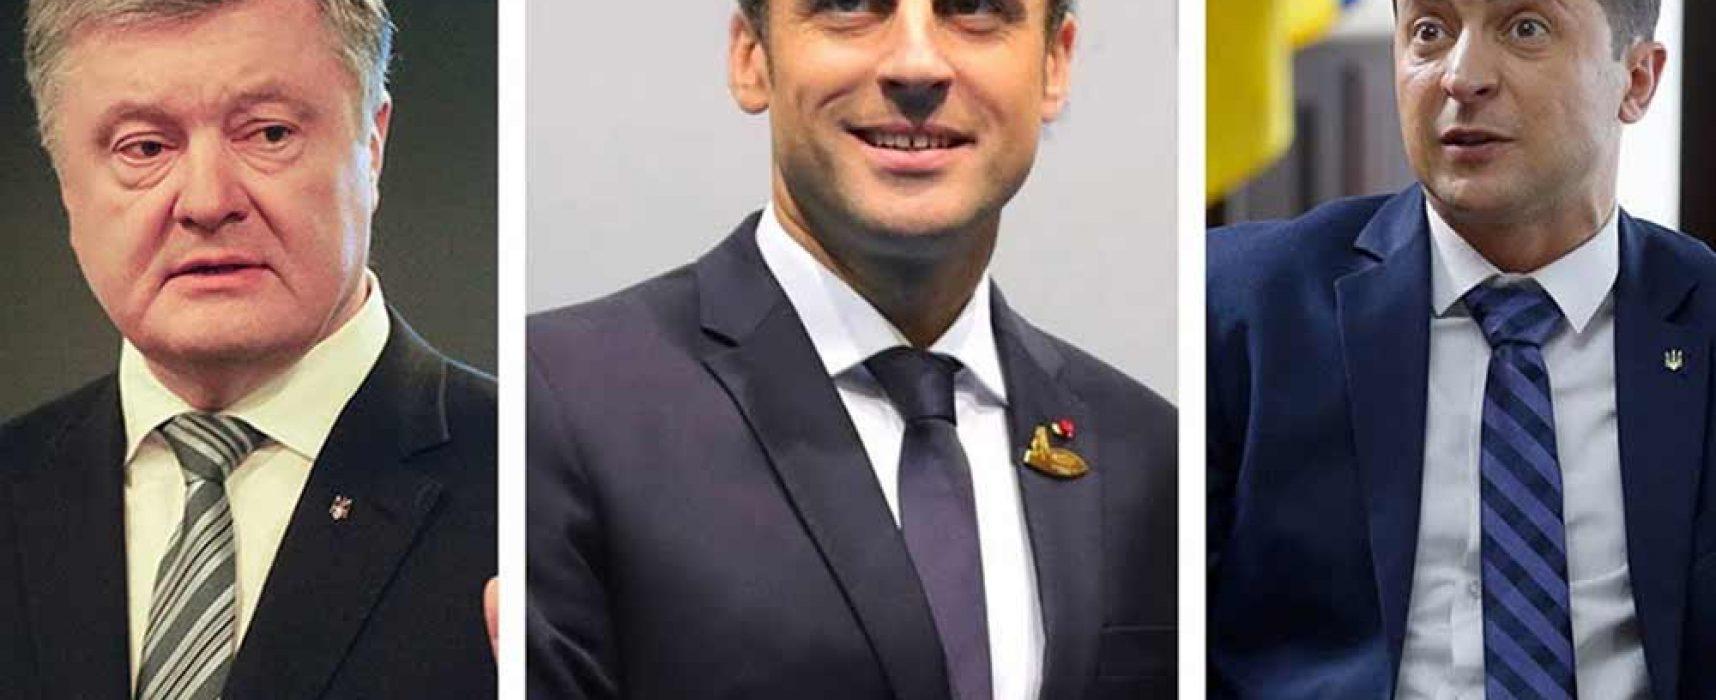 Chez Macron, donc chez Macron. La réalité et les fakes sur des rendez-vous à Paris